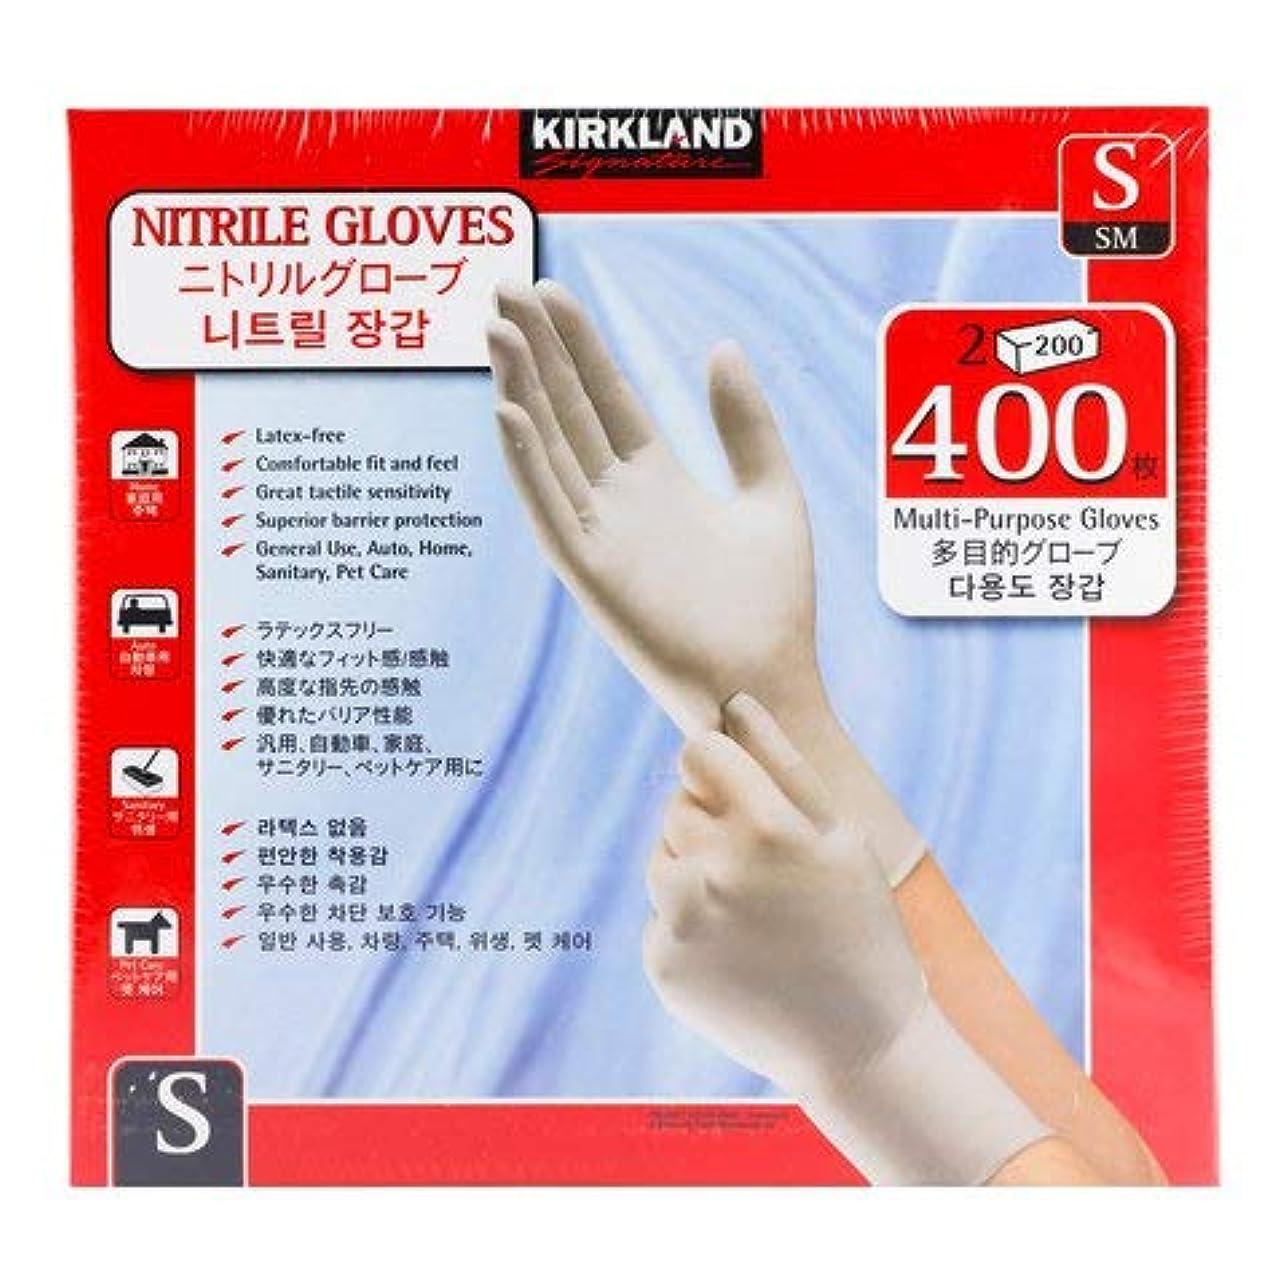 盲信楽しい傾向があるニトリル手袋 S 400 個 10個